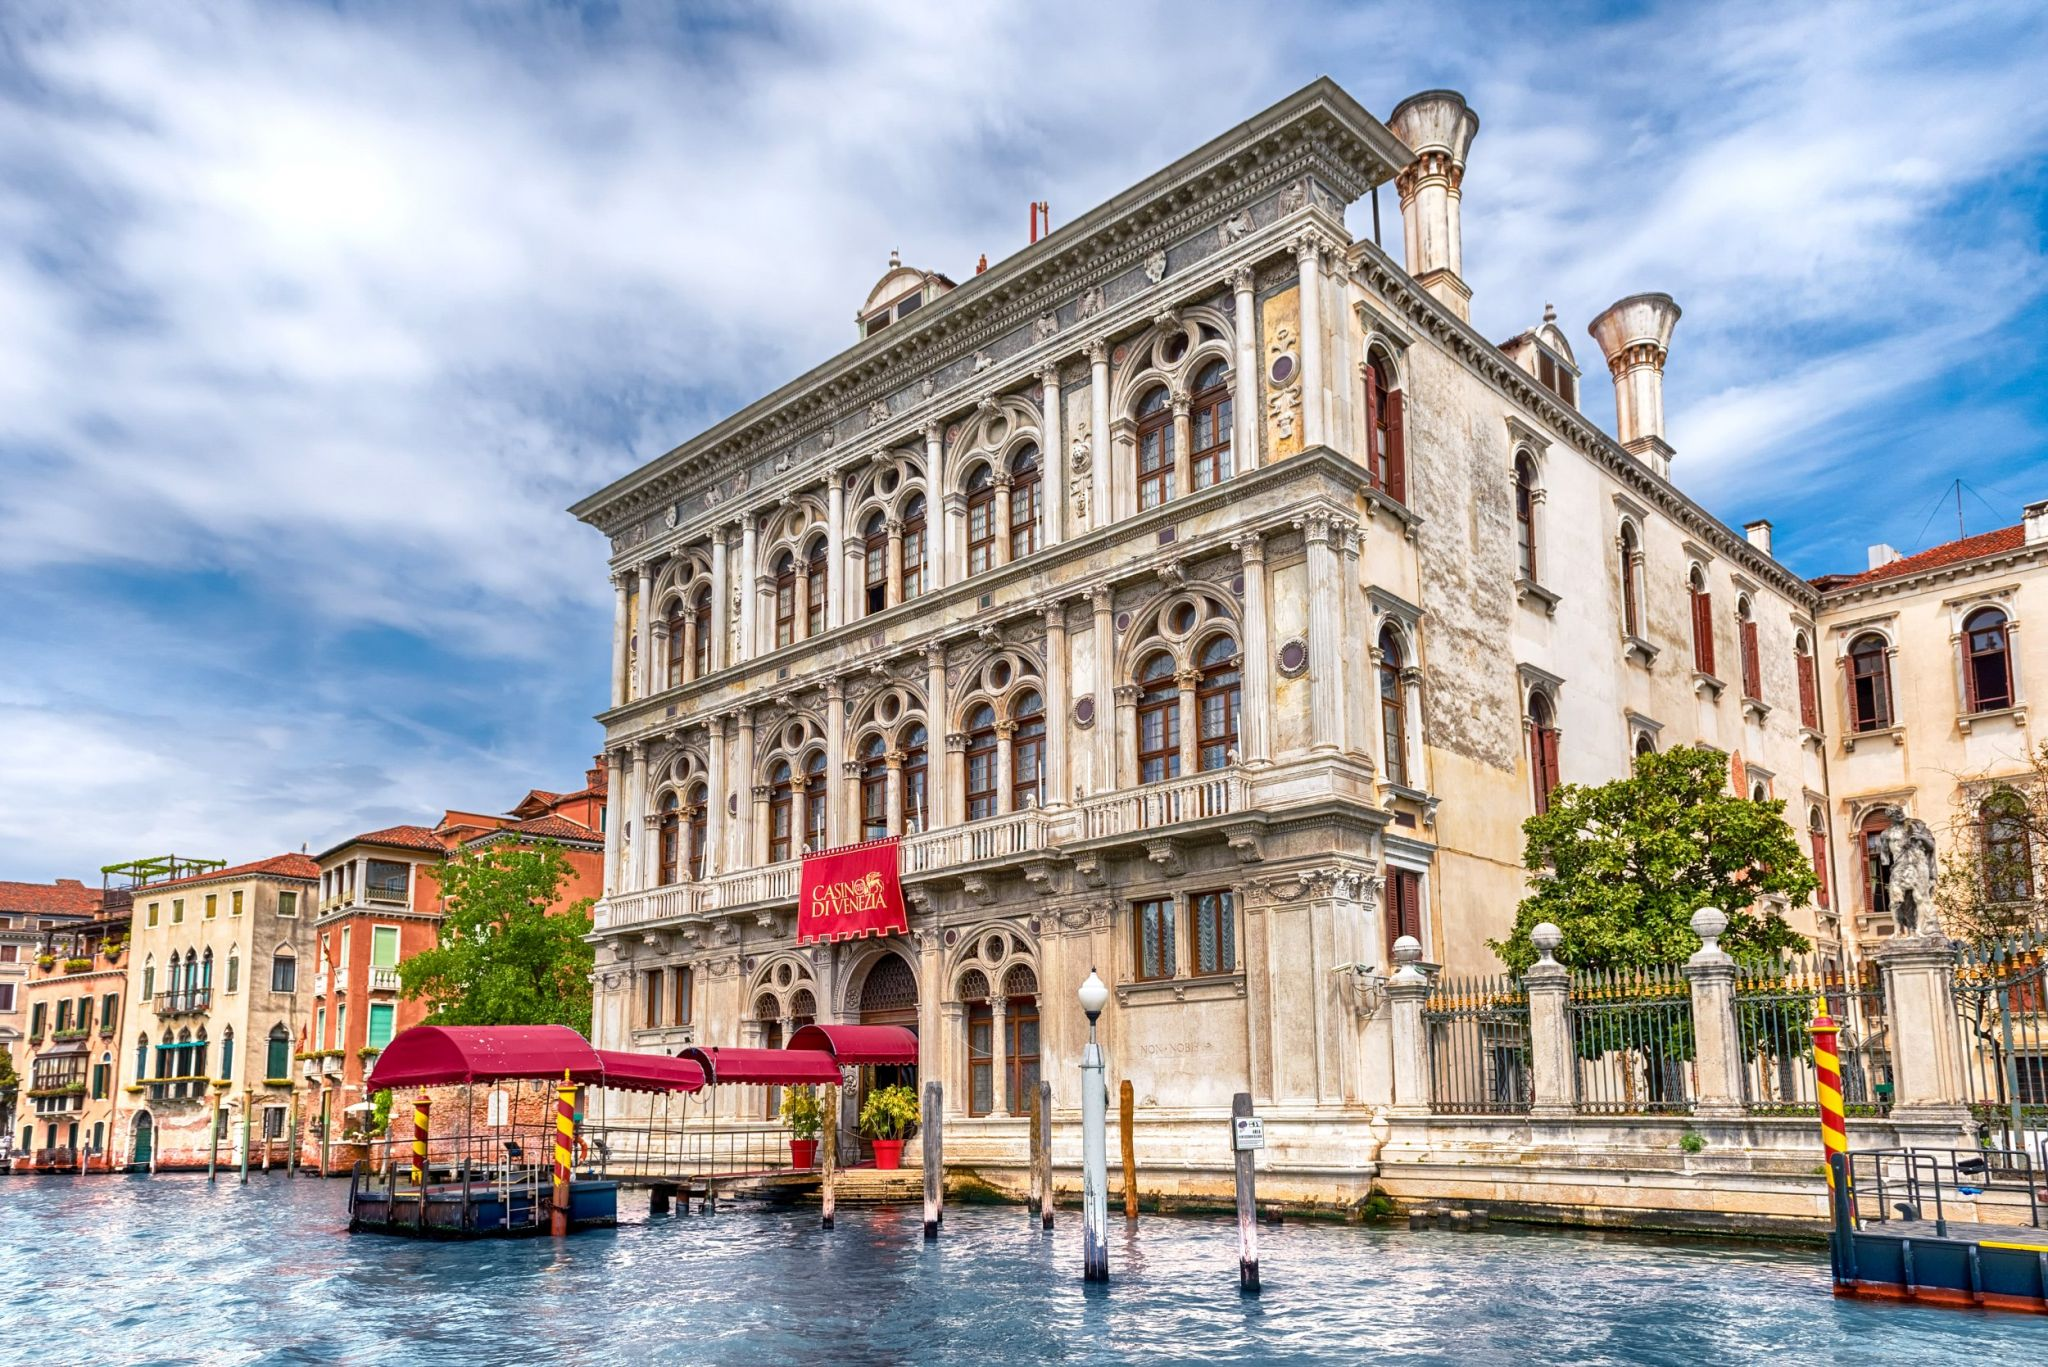 Palazzo Vendramin-Calergi